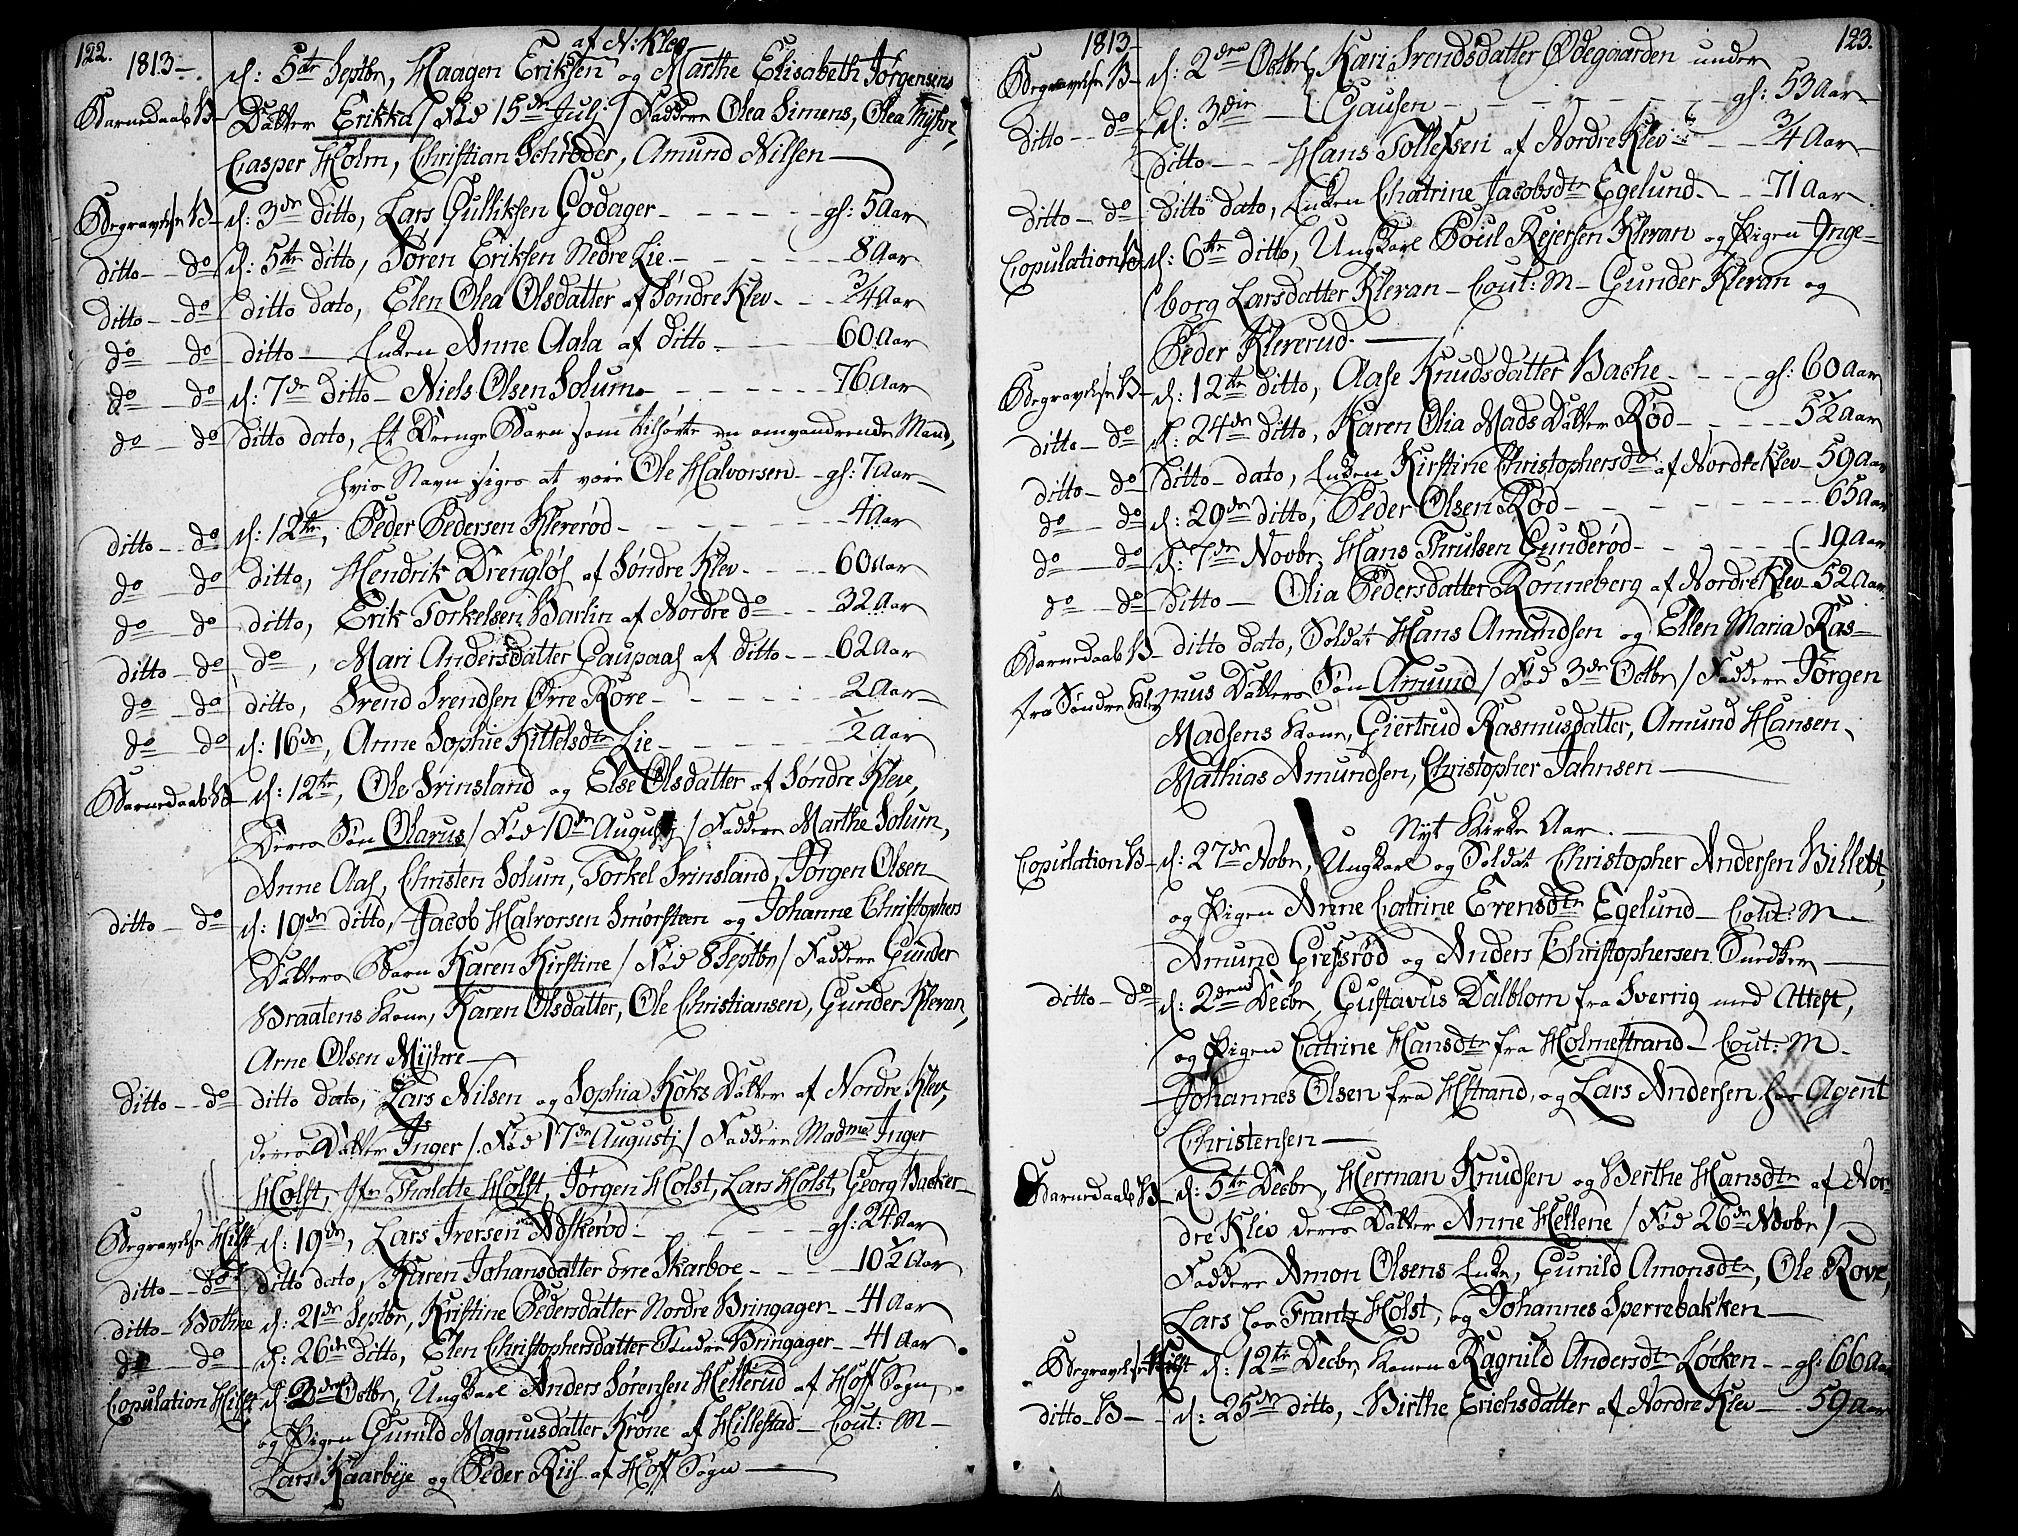 SAKO, Botne kirkebøker, F/Fa/L0003: Ministerialbok nr. I 3 /1, 1792-1844, s. 122-123